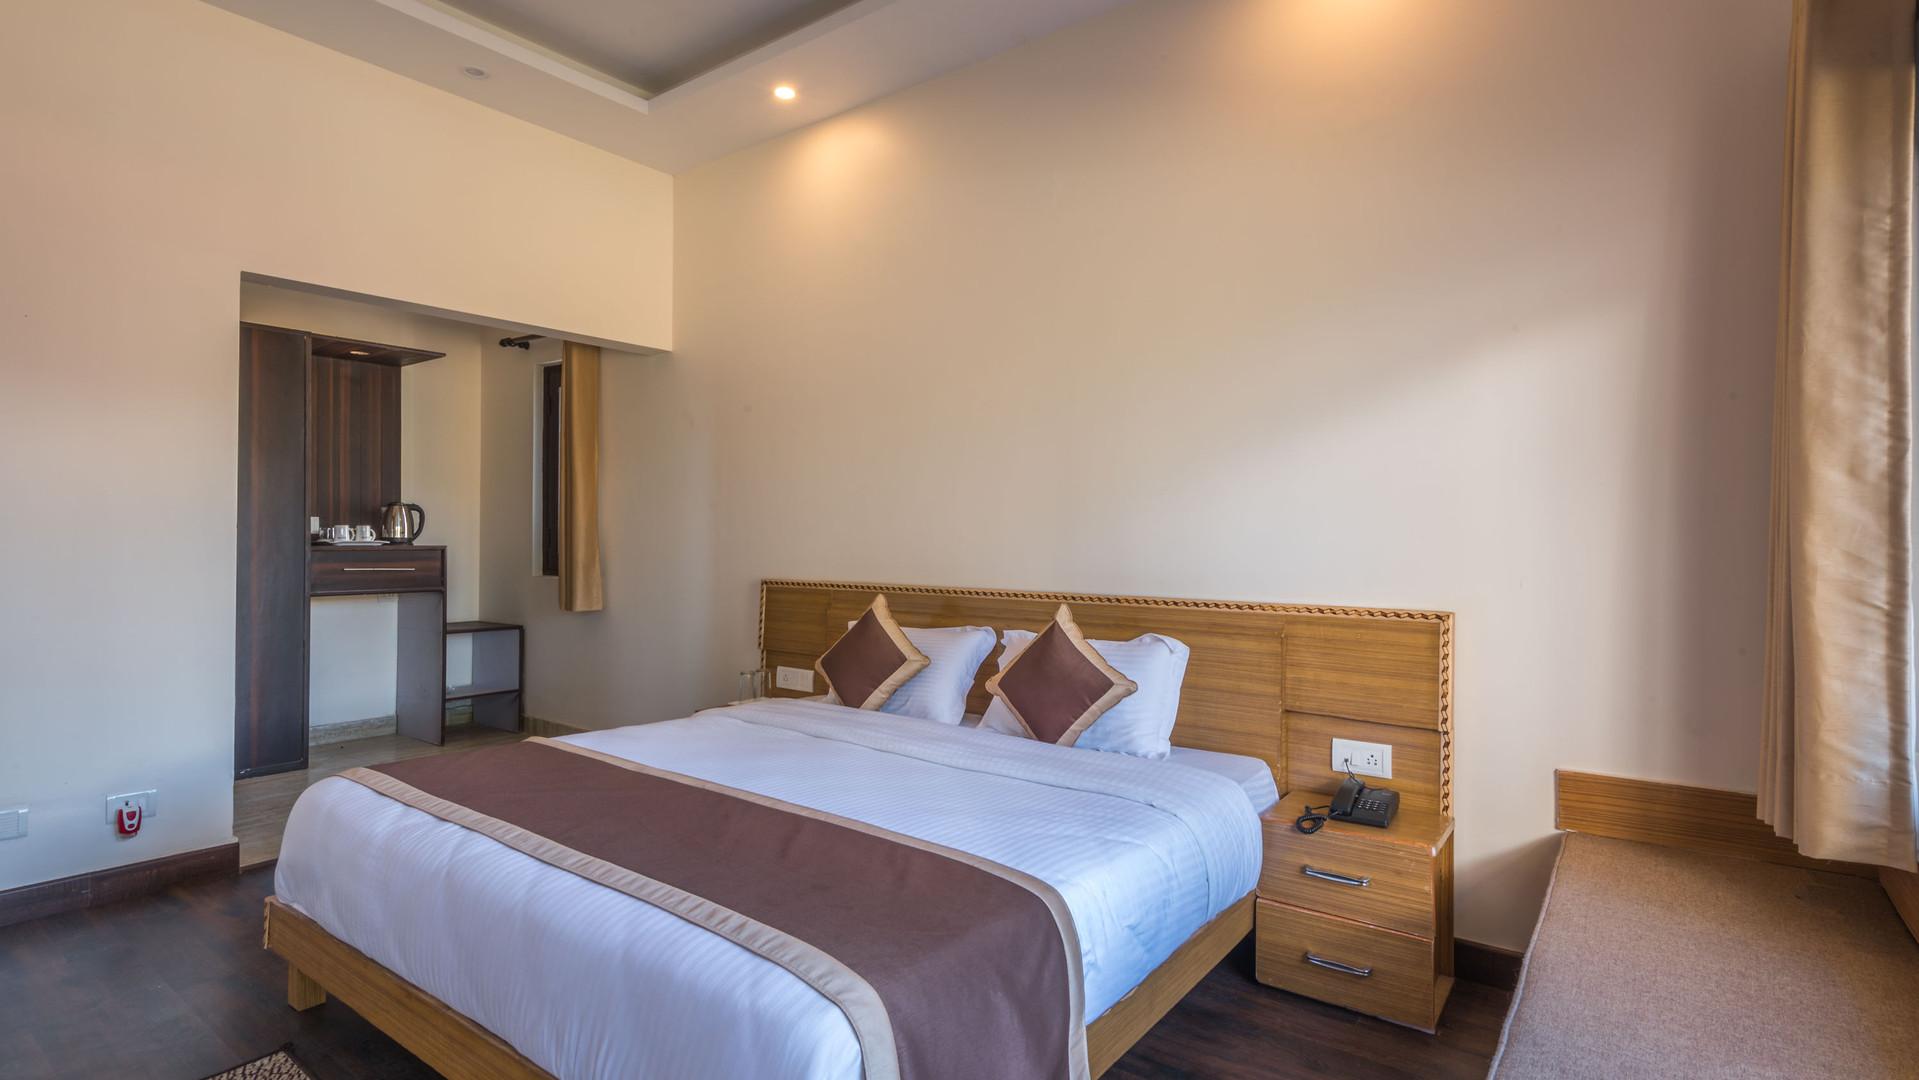 Premium-Rooms_Unbound_Boros_7.jpg